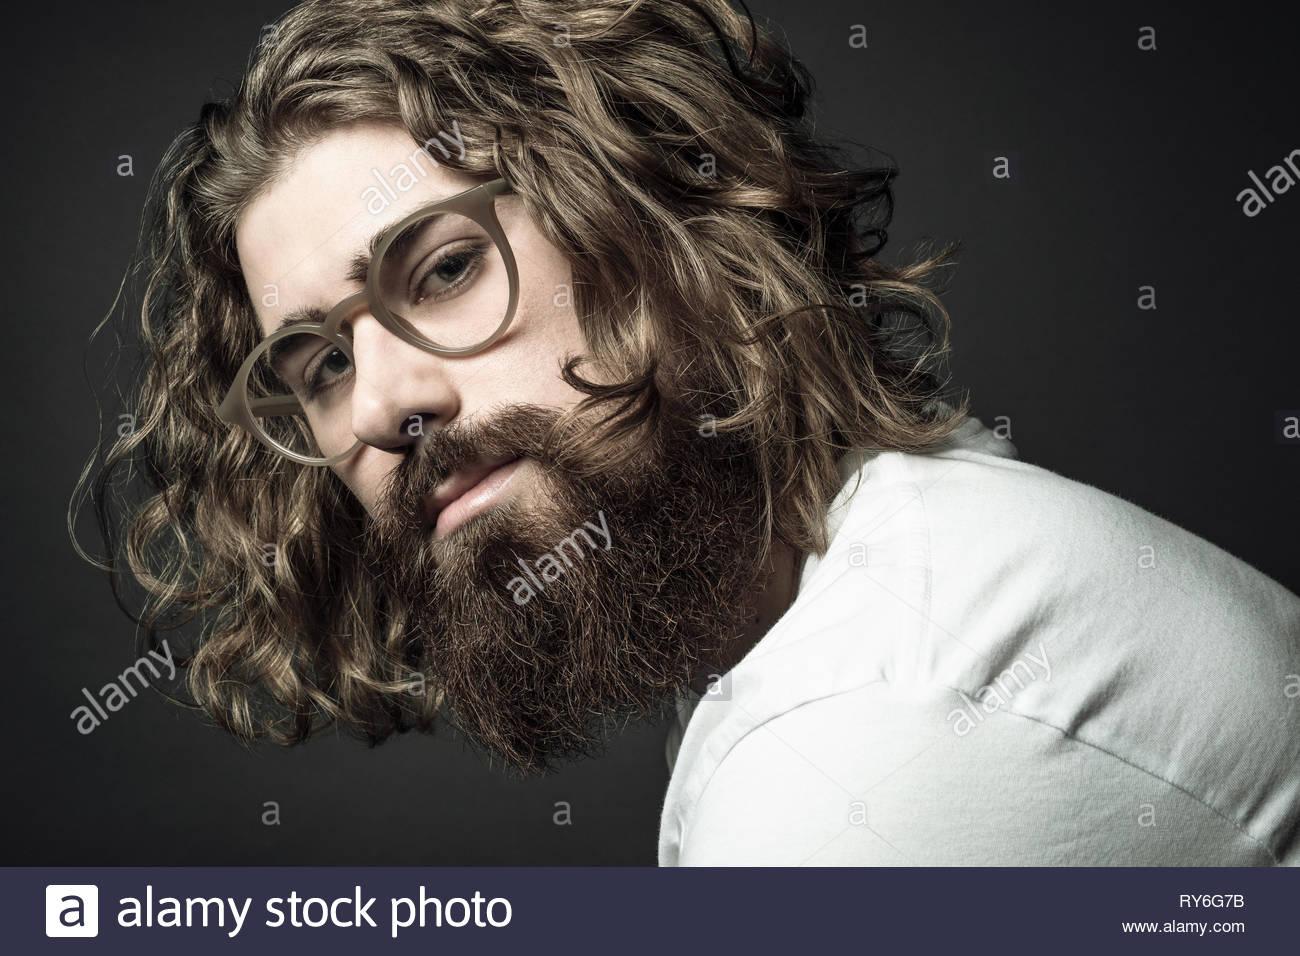 Portrait confiant beau jeune homme avec de longs cheveux bouclés et barbe Photo Stock